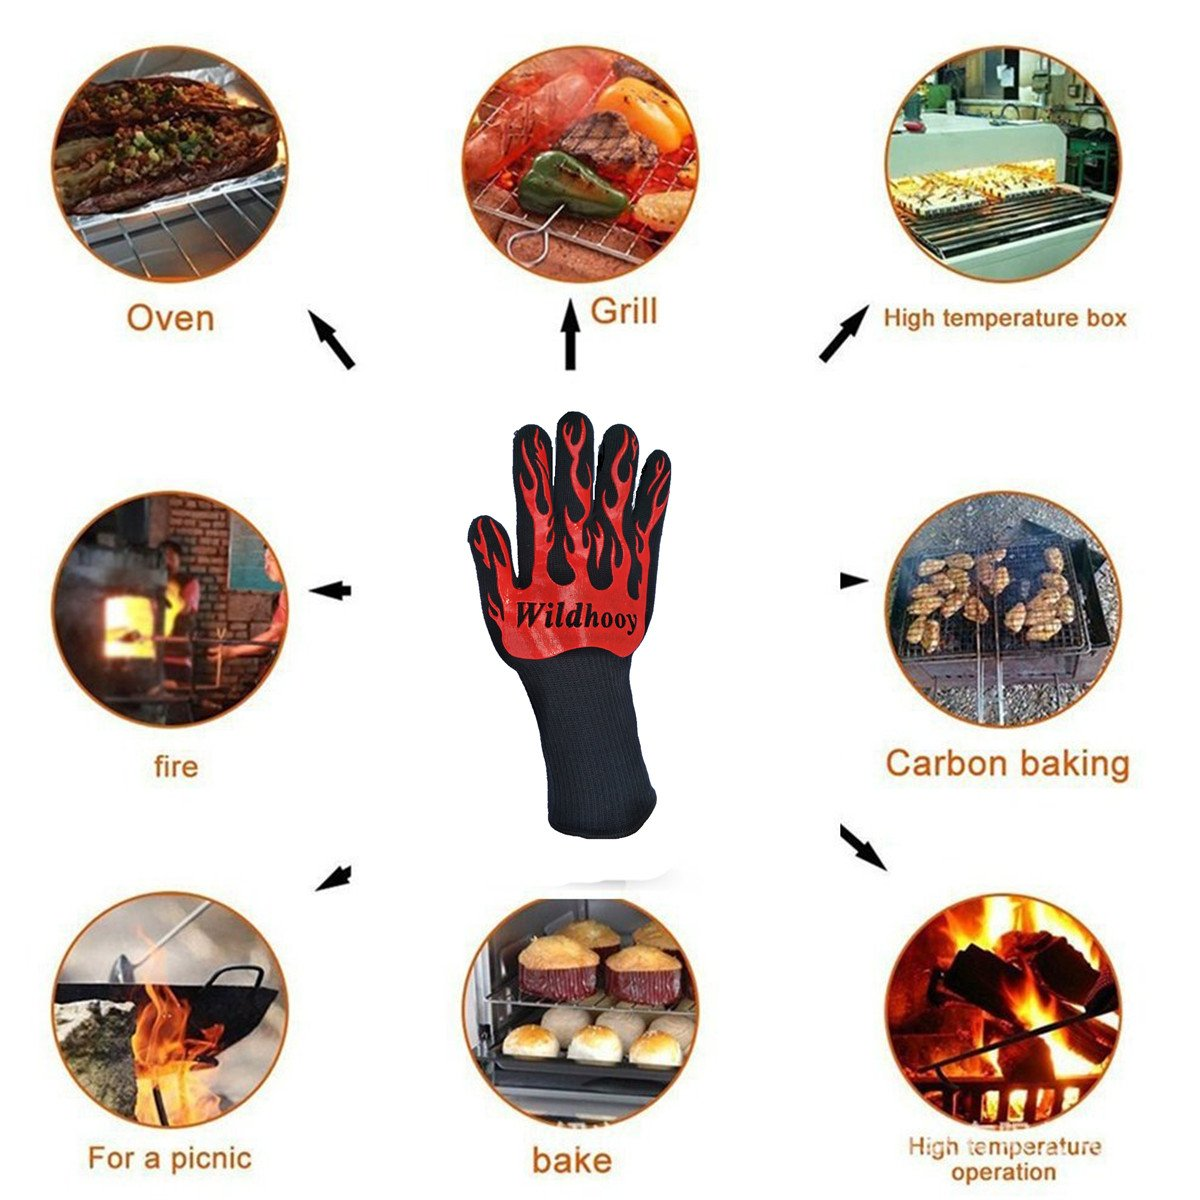 Wildhooy BBQ Grillant Gants 932F Extr/ême R/ésistant /À La Chaleur Gants Double 1 Paire Mitaines De Four Gants De Cuisine BBQ pour La Cuisson Cuisson Accessoires De Cuisine en Plein Air Griller